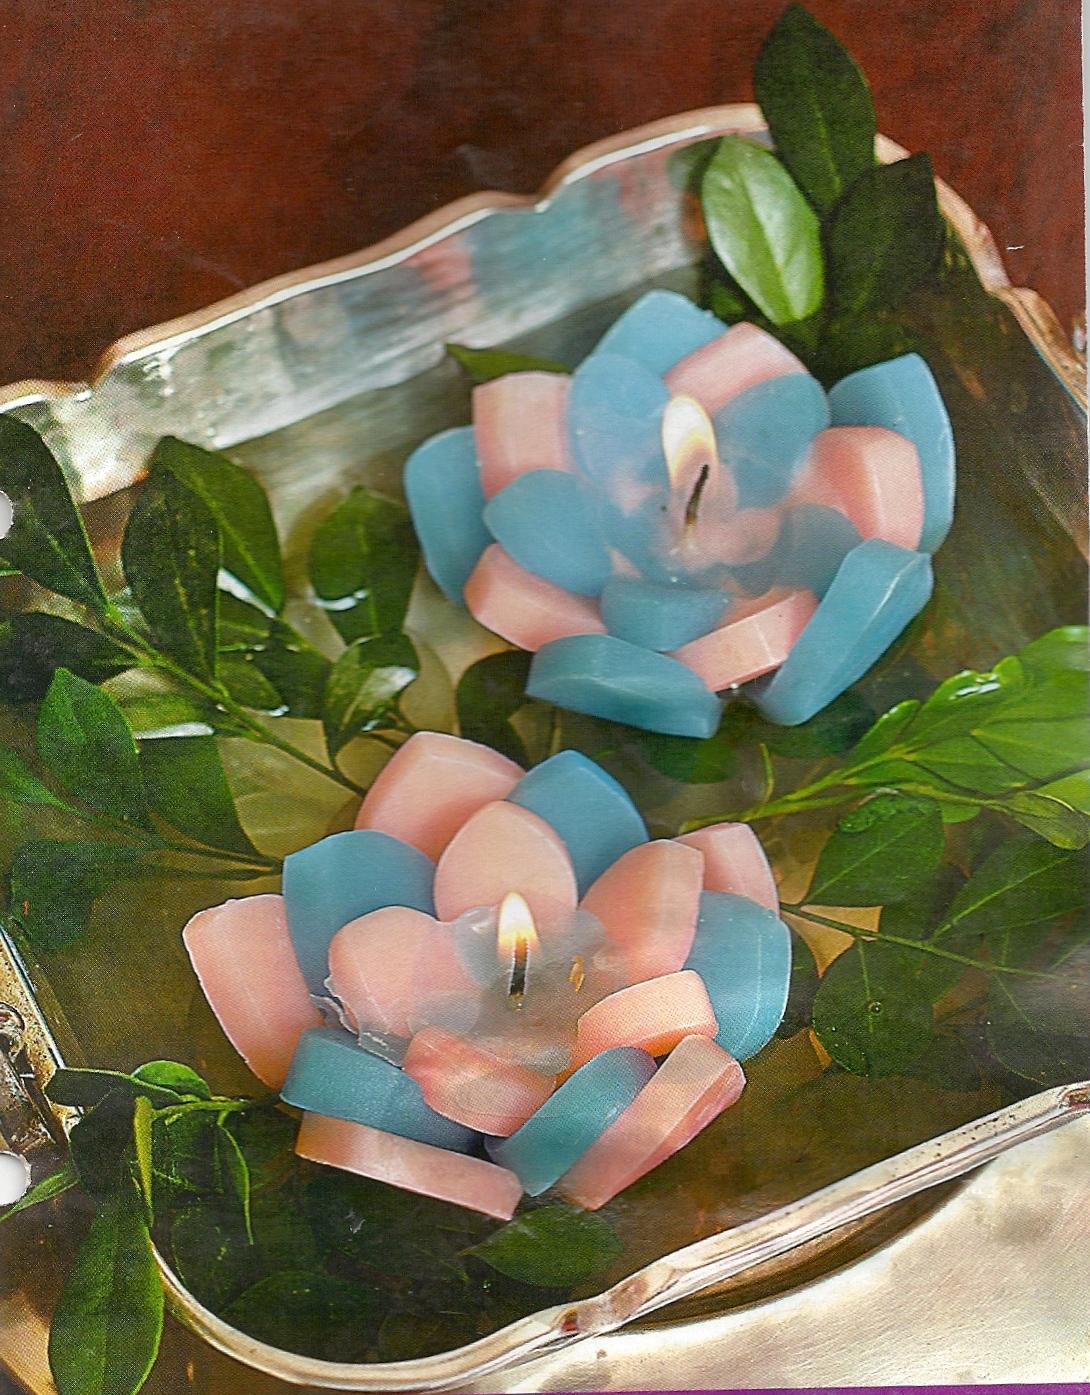 Como hacer velas decorativas lodijoella - Como hacer velas flotantes ...